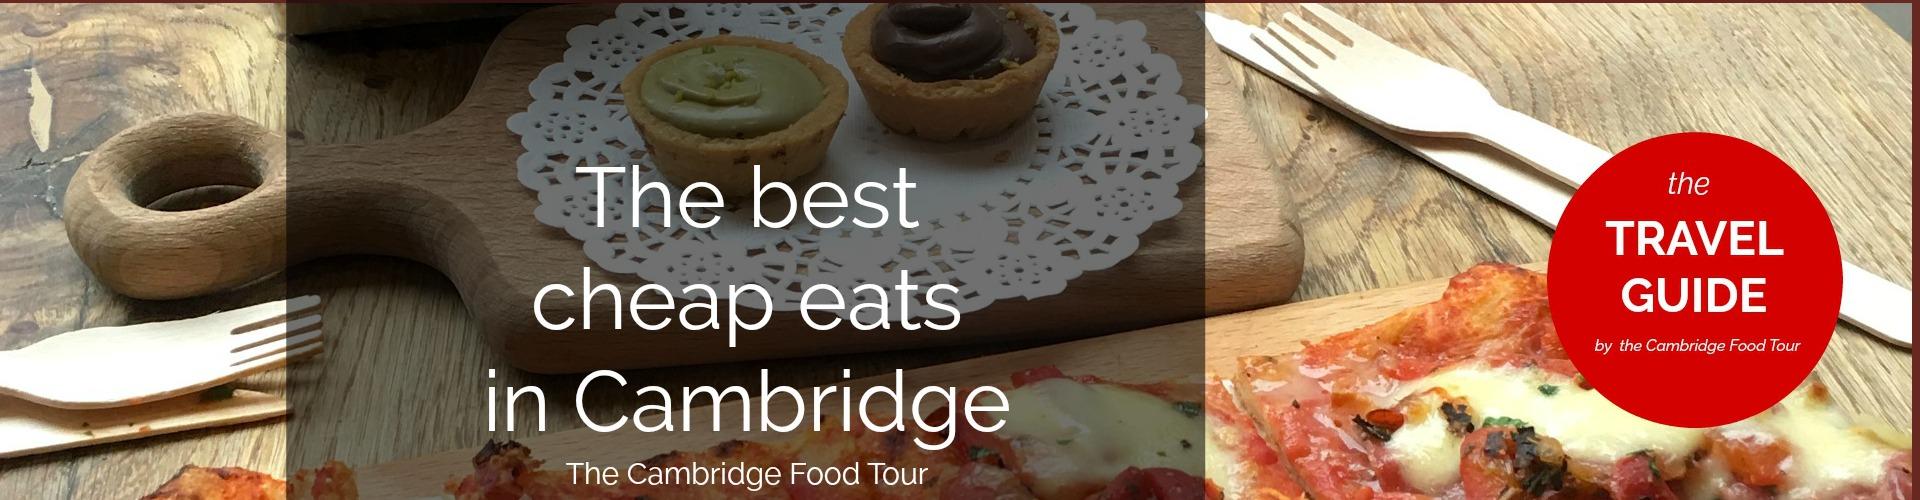 The Best Cheap Eats In Cambridge Cambridge Food Tour